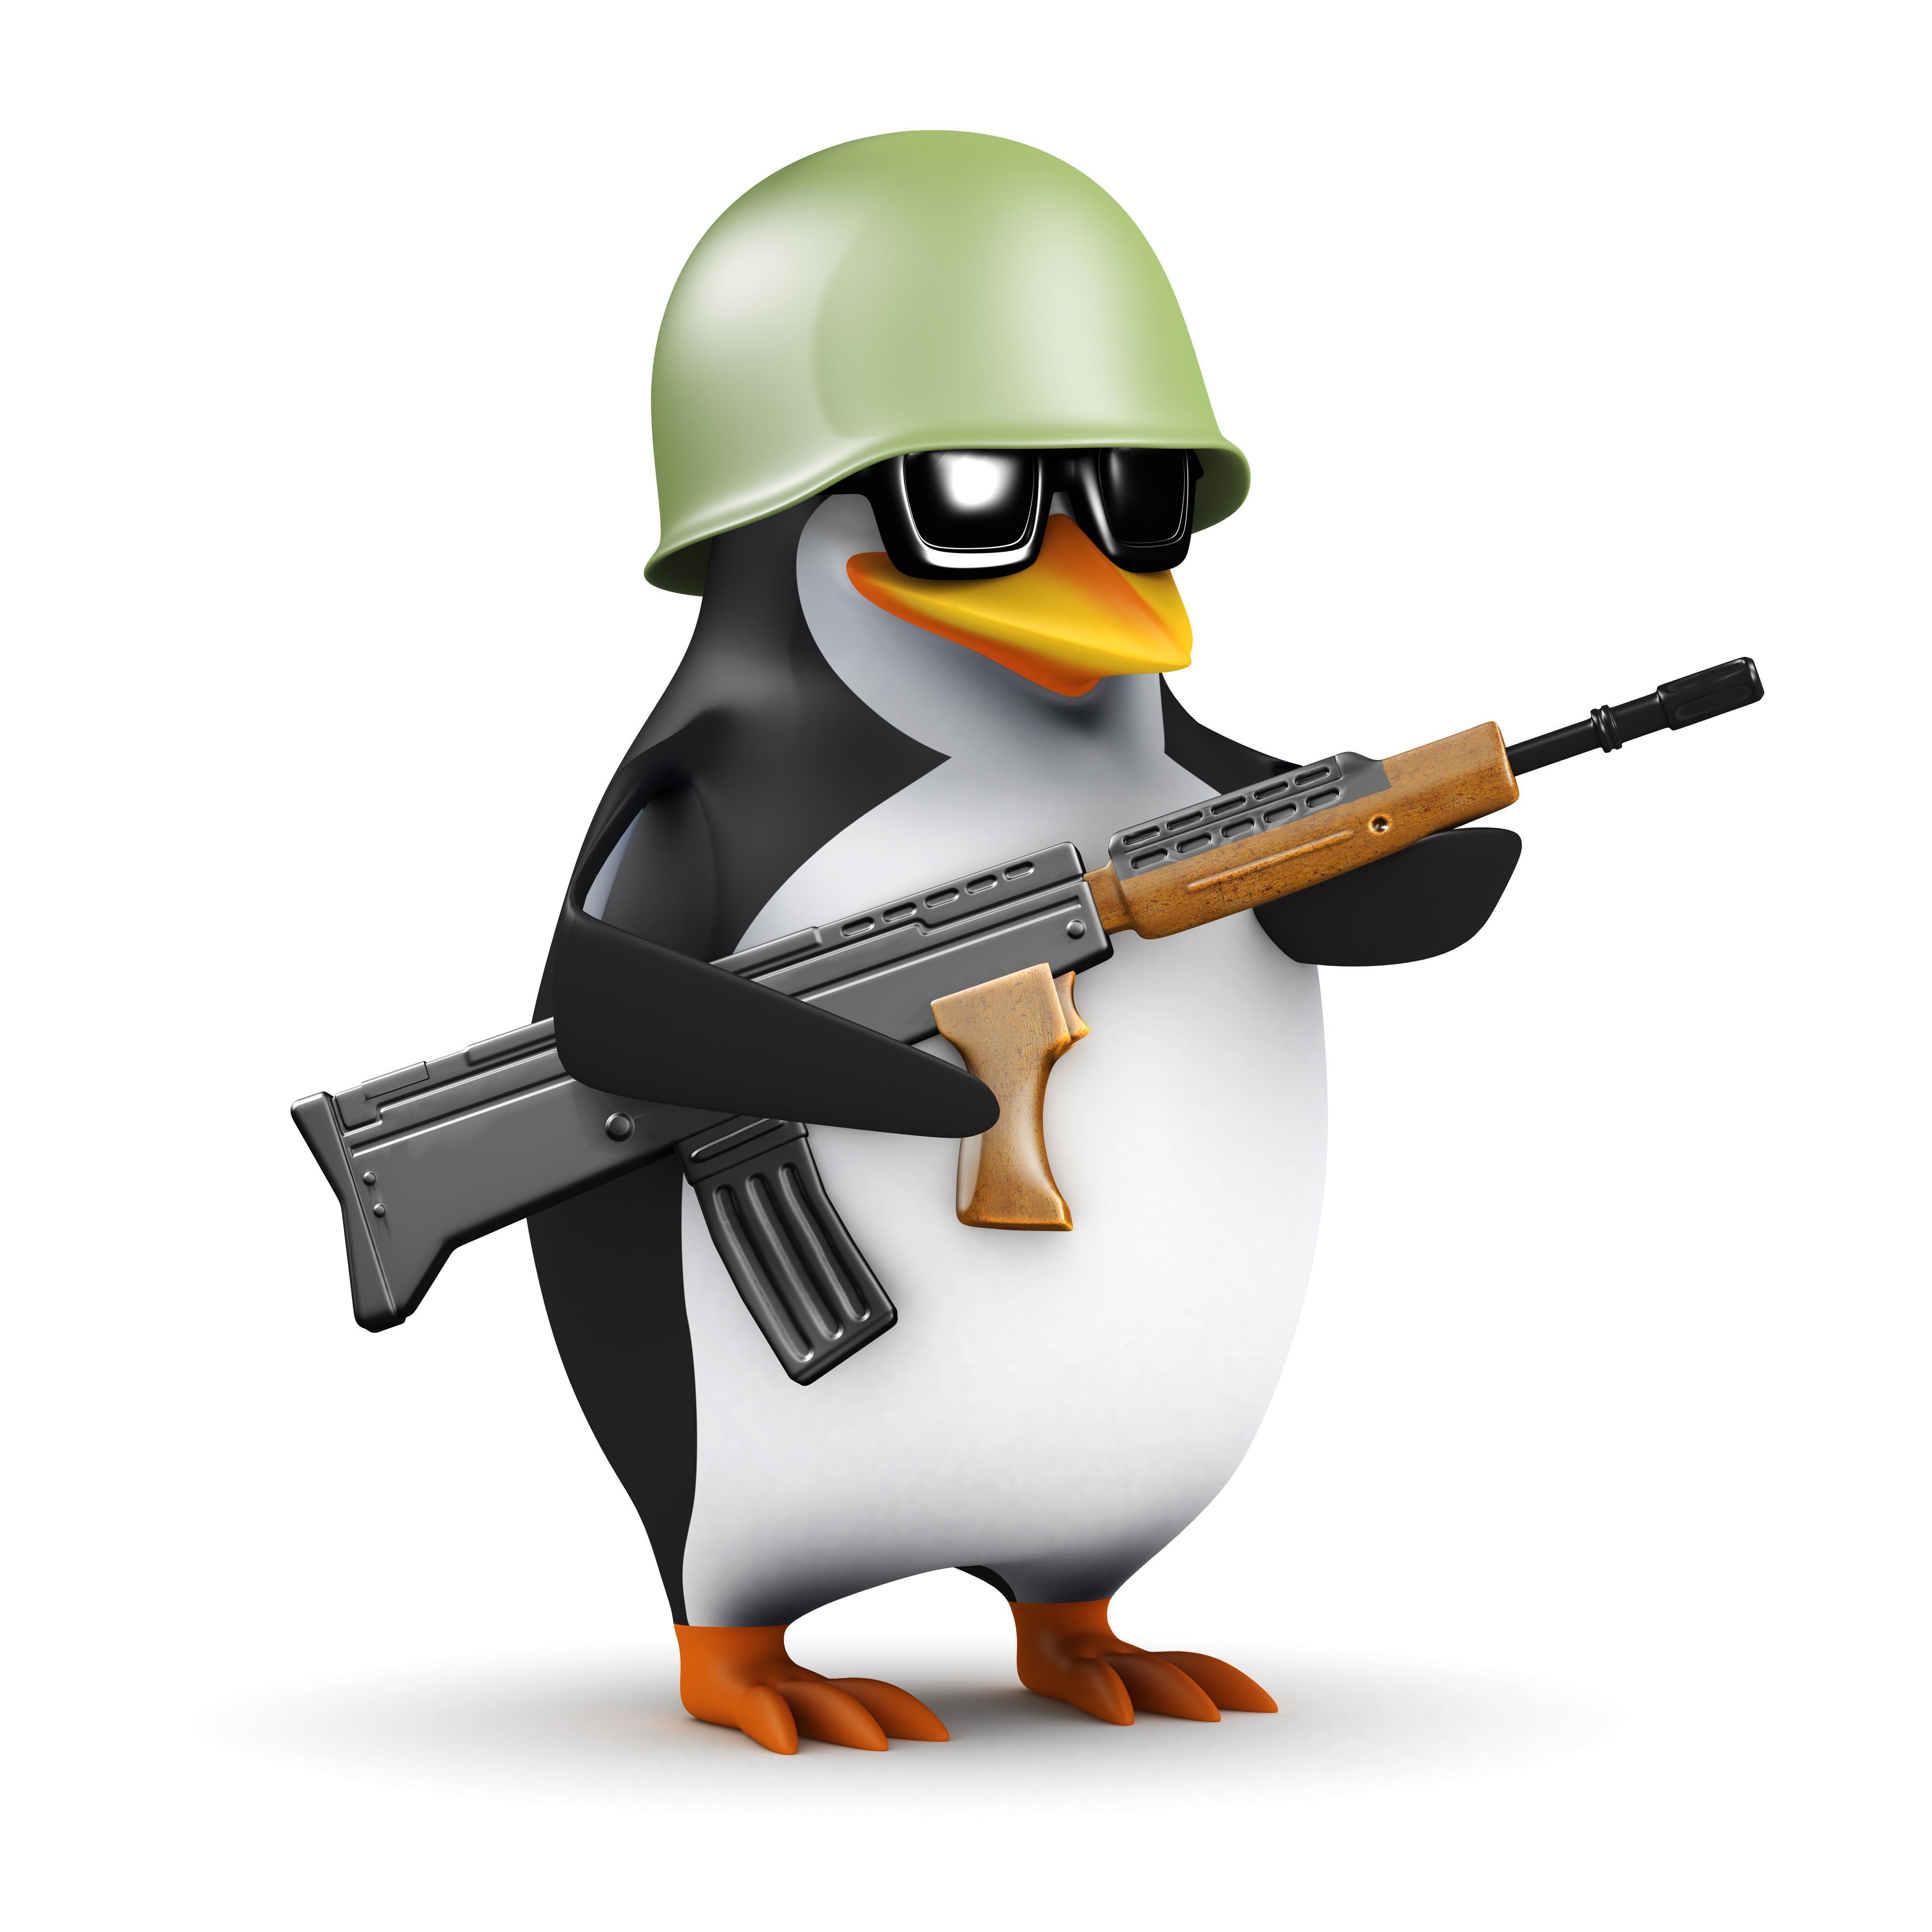 пингвин с автоматом и в каске, фото, обои для рабочего стола, клипарт